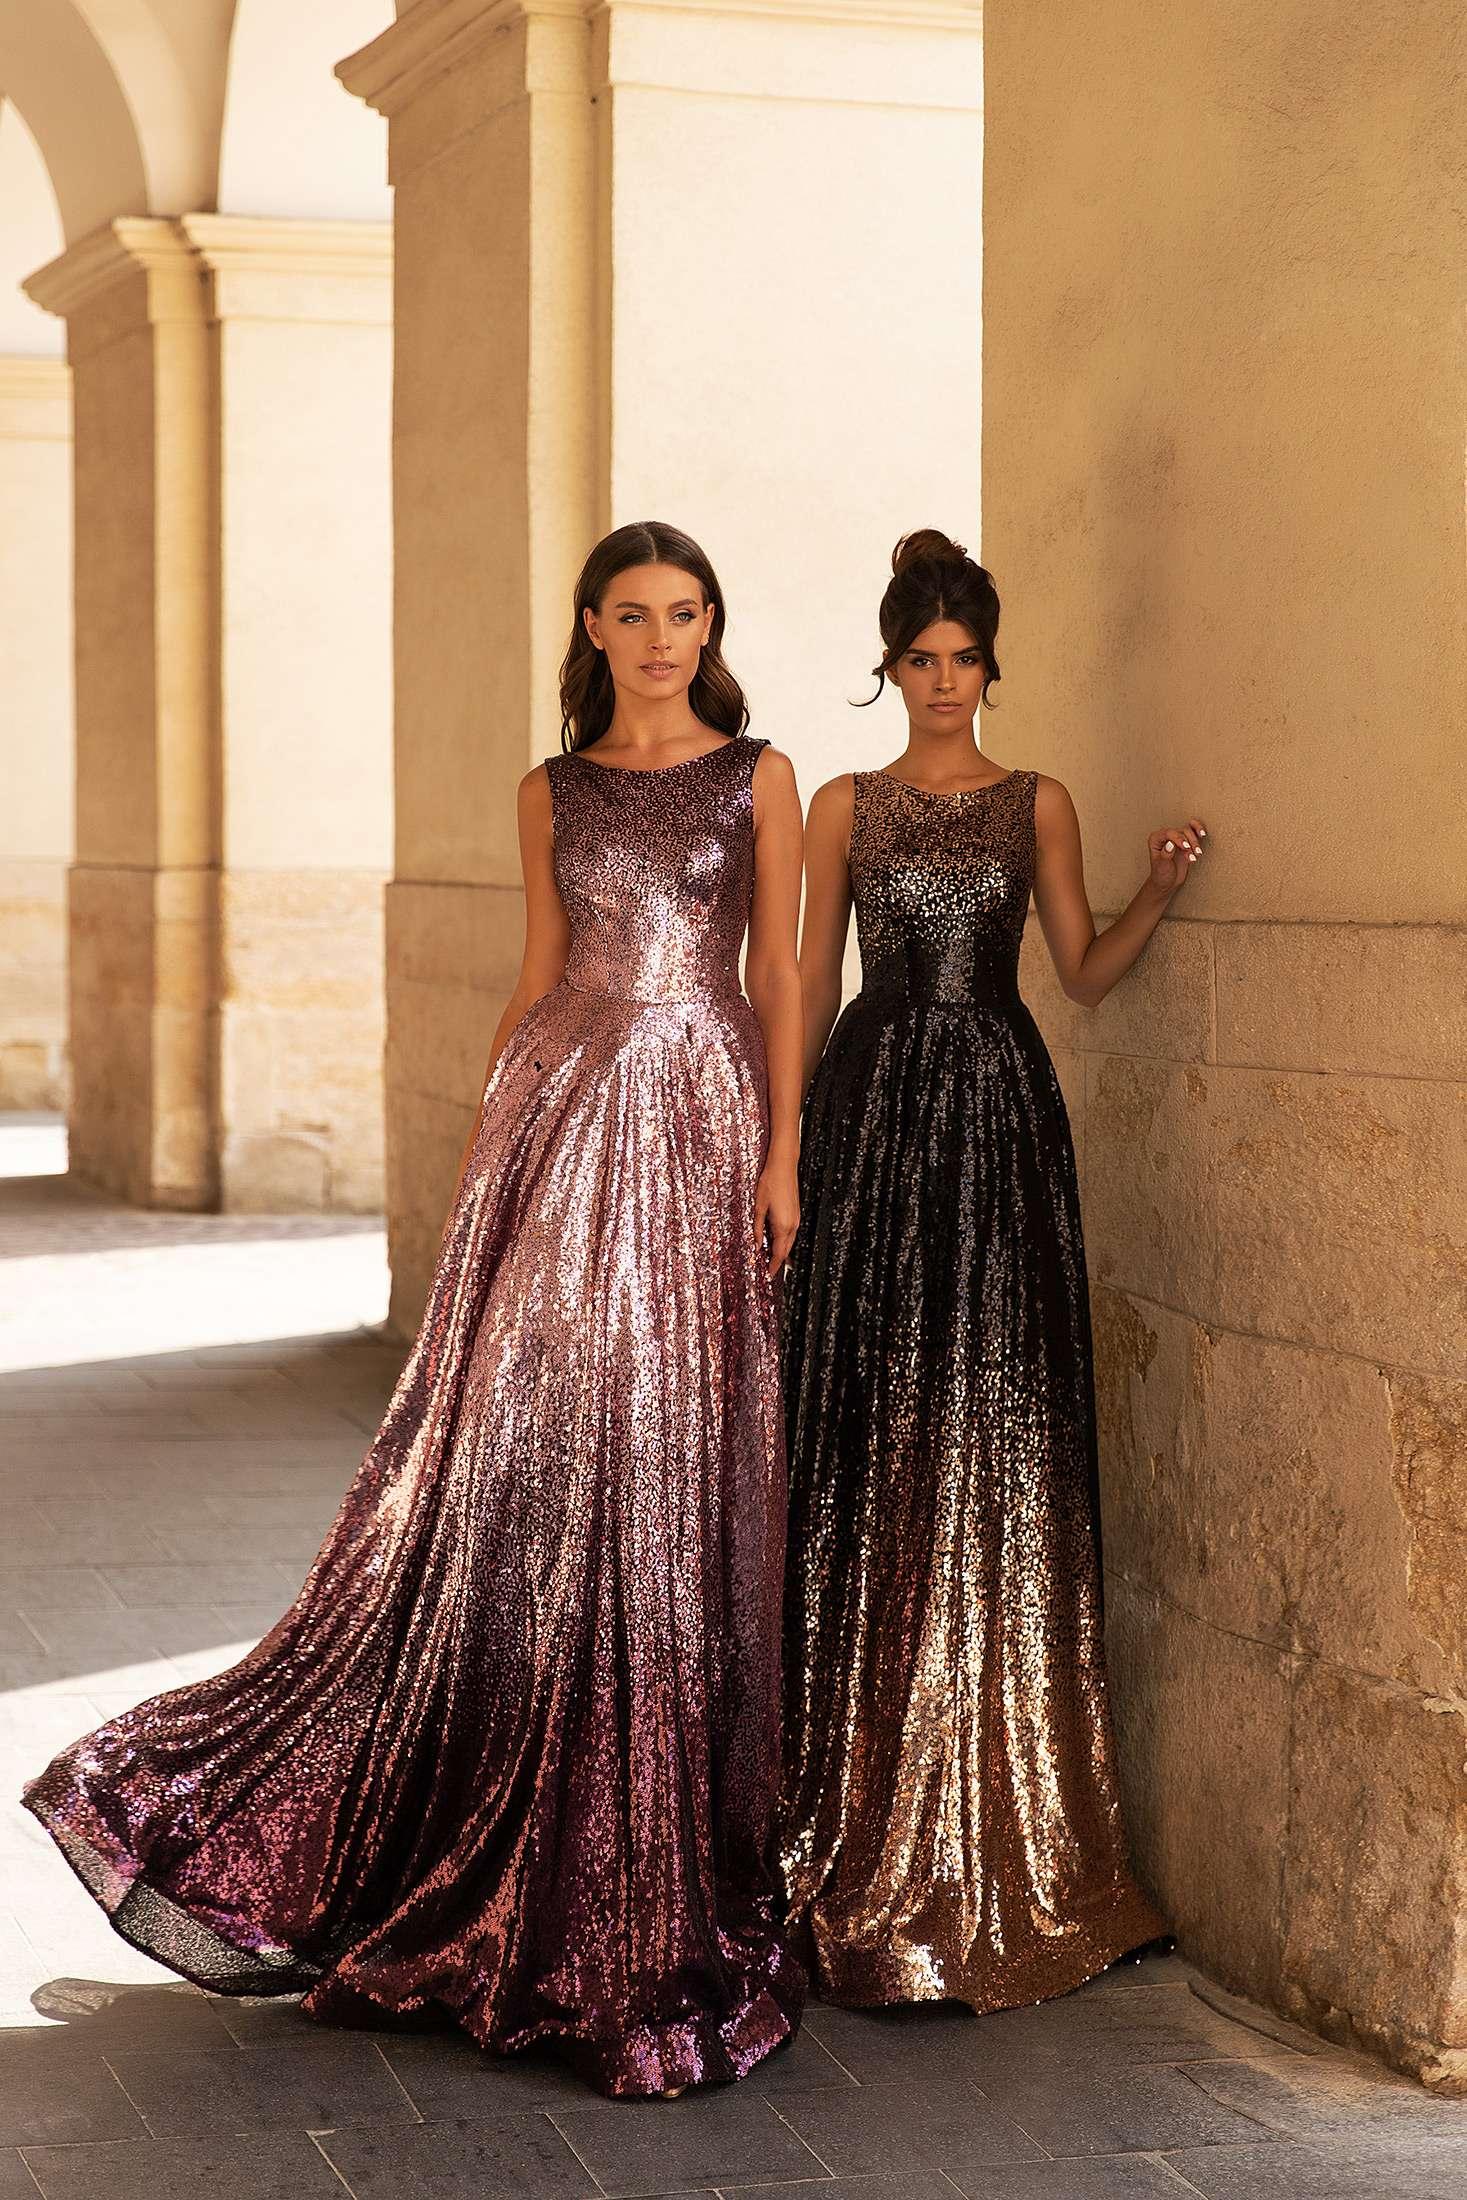 вечернее платье Oriella_(1).1800x1800w